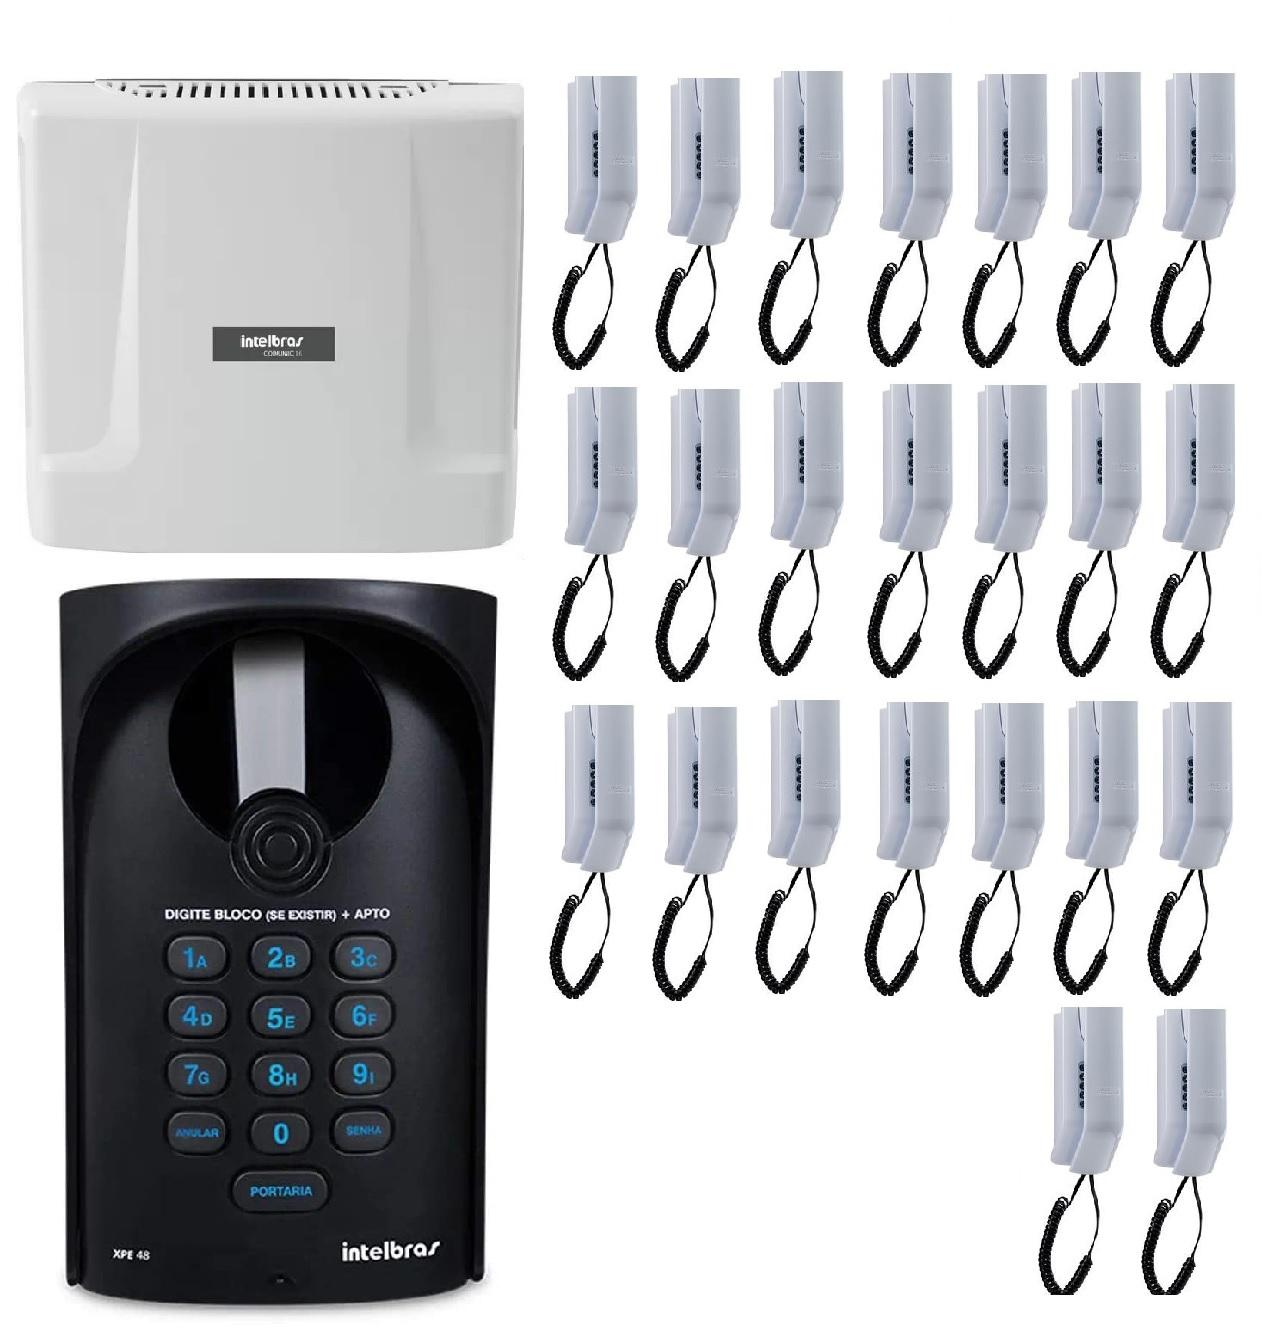 Kit Central de Interfone Condomínio 32 Ramais Comunic 48 + 32 Terminais + Porteiro XPE 48